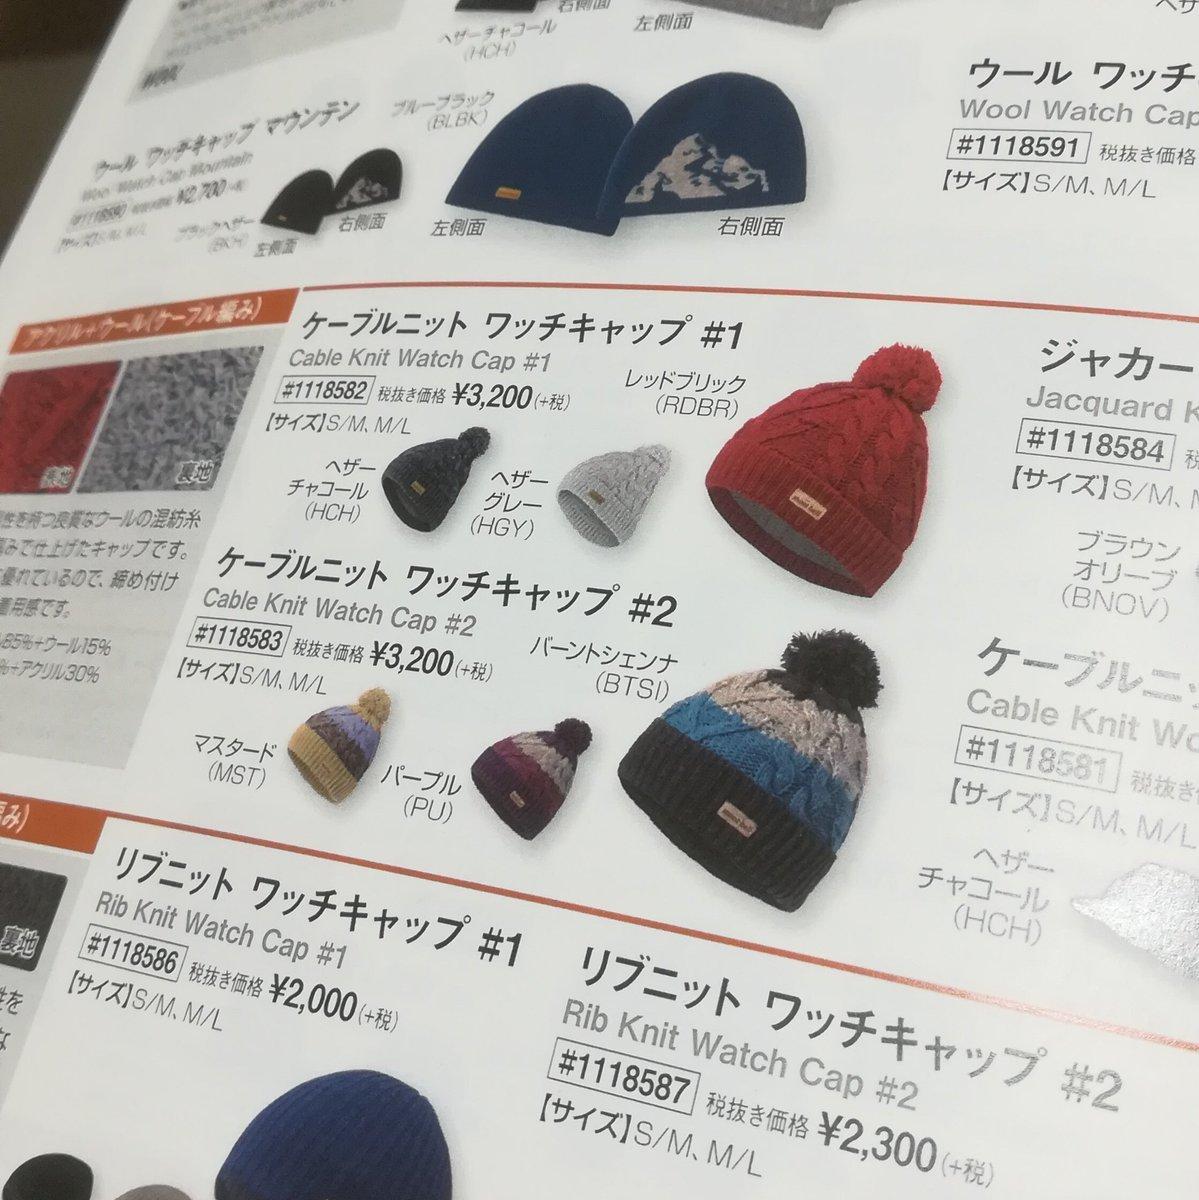 ニット 帽 モンベル モンベルの「ケーブルニットワークキャップ」がキャップ帽とニット帽のイイ所どりをしてくれたんだ|マイ定番スタイル